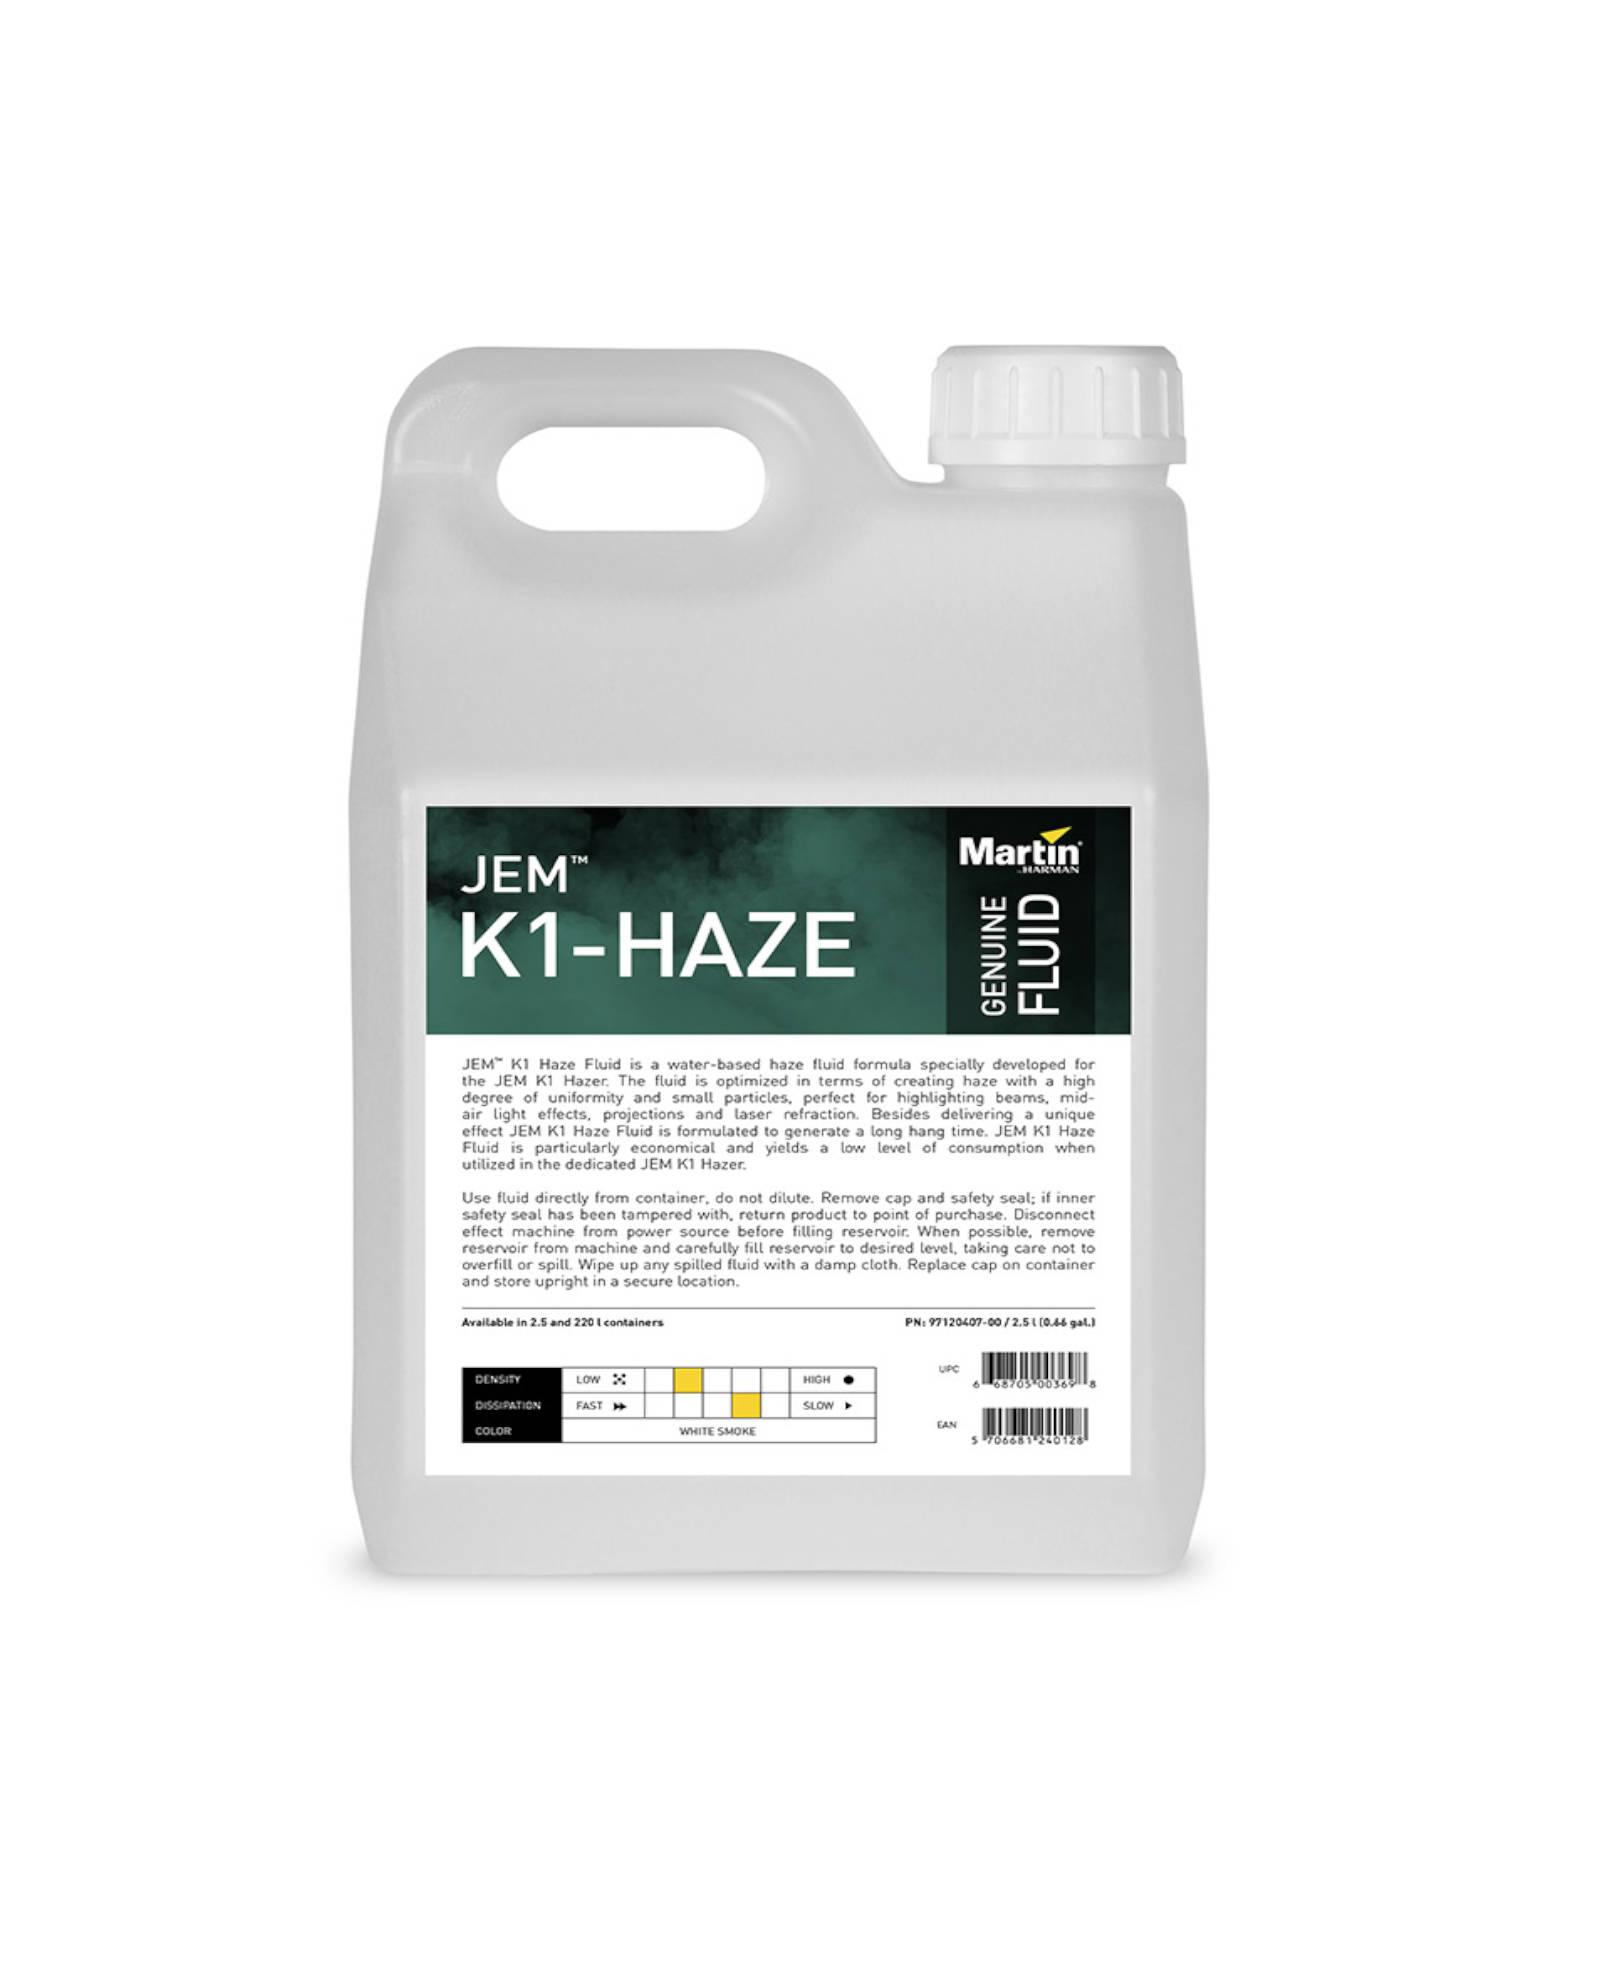 Jem K1 Haze Fluid